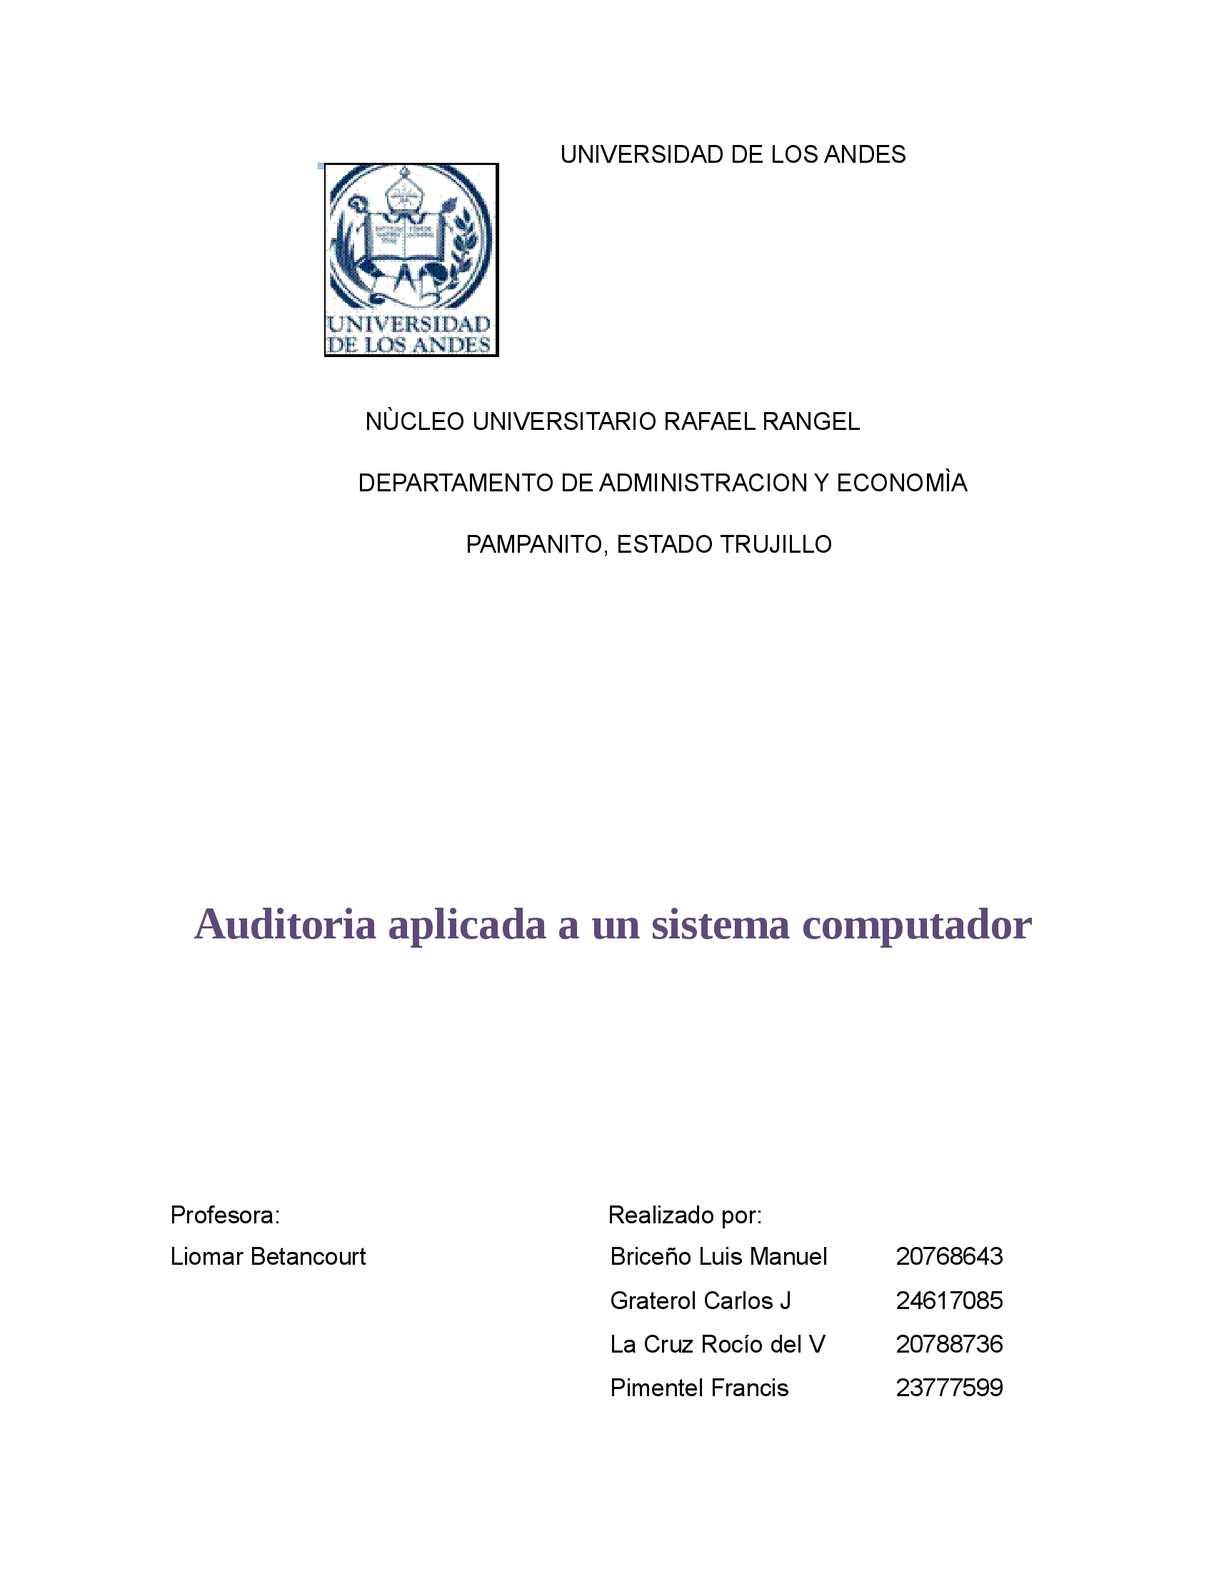 auditoria a un sistema de computo